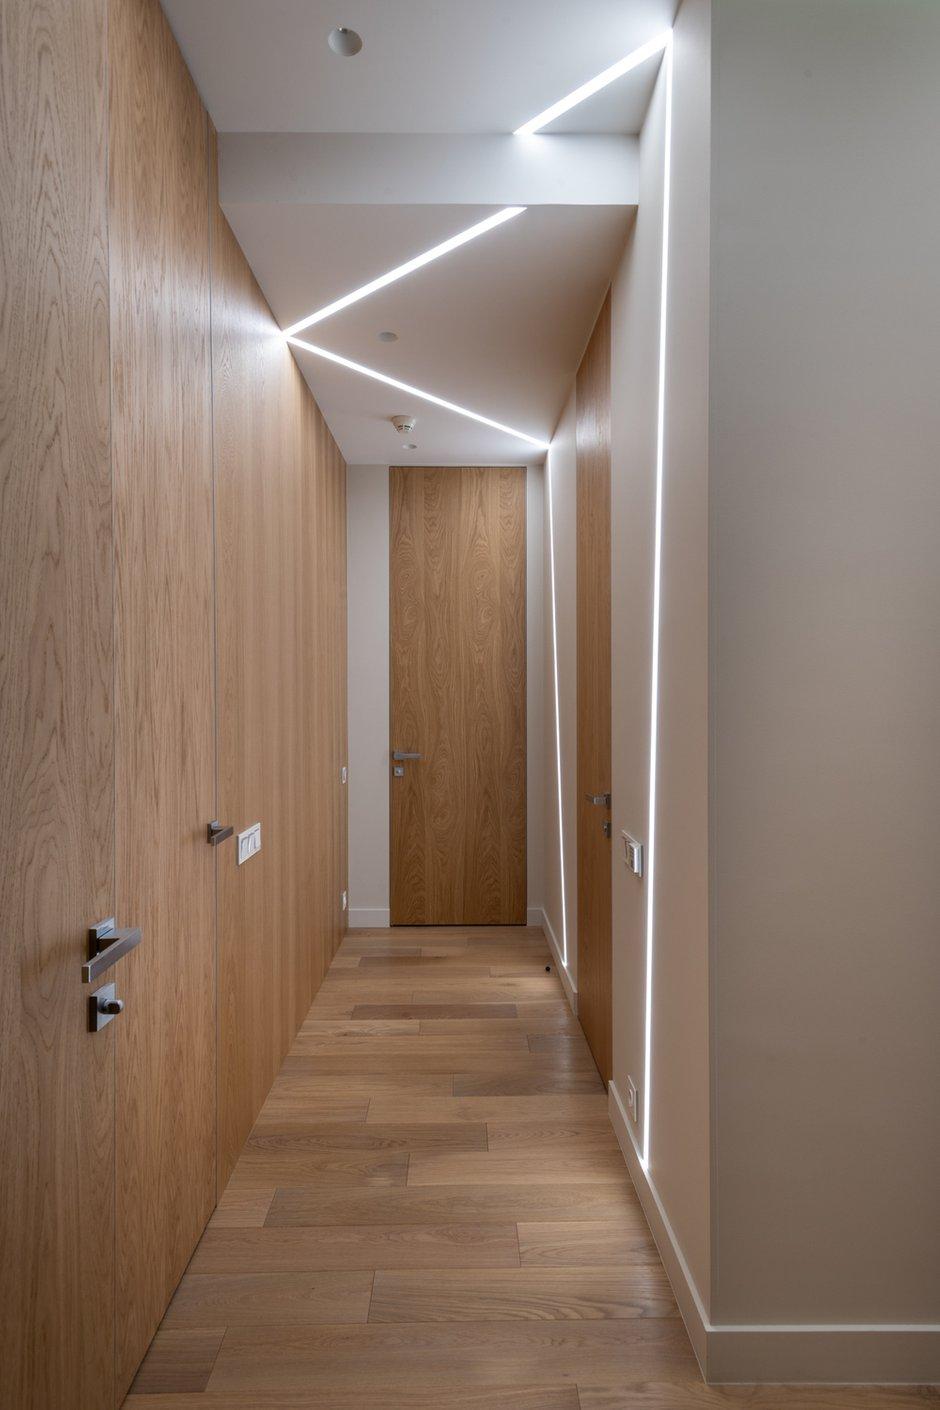 Чтобы подчеркнуть высоту потолков и обыграть длинный коридор в холле, на стене расположили деревянные панели со скрытыми дверями, ведущими в комнаты.